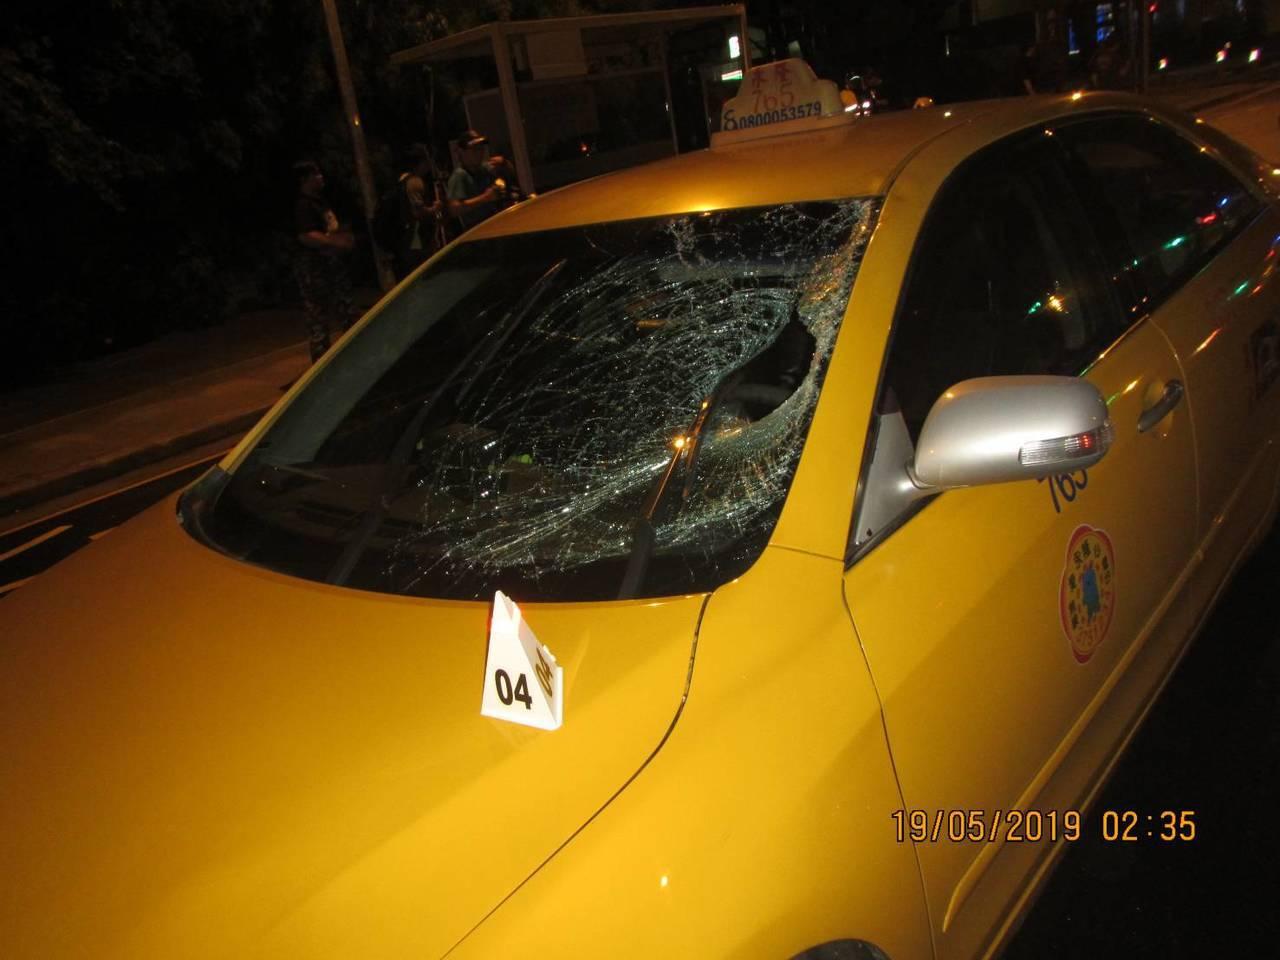 台中市張姓男子昨天走行人穿越道闖紅燈,直接被計程車撞上,送醫不治,計程車的擋風玻...